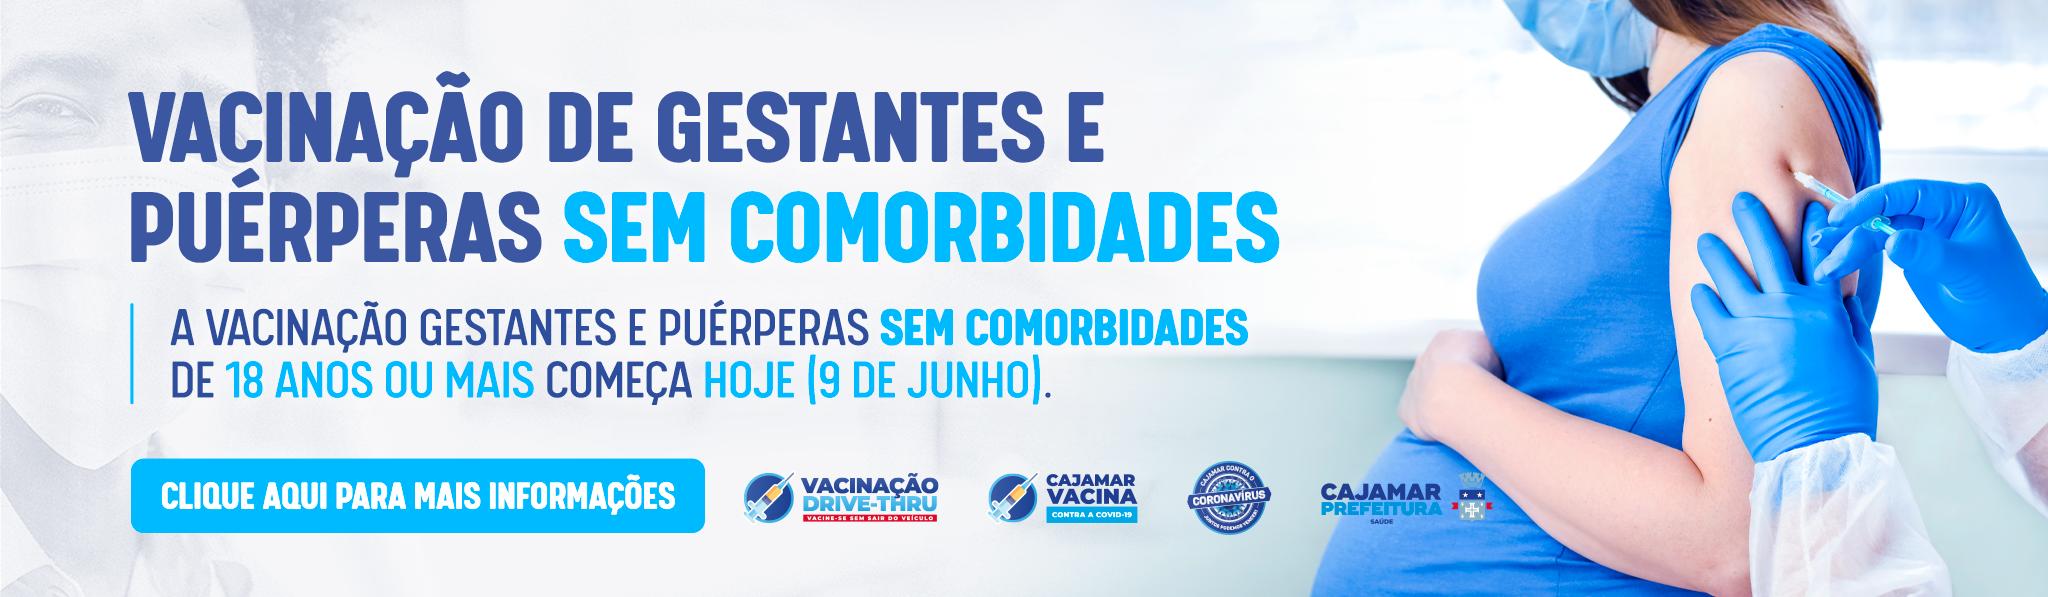 VACINAÇÃO GESTANTES E PUÉRPERAS SEM COMORBIDADES